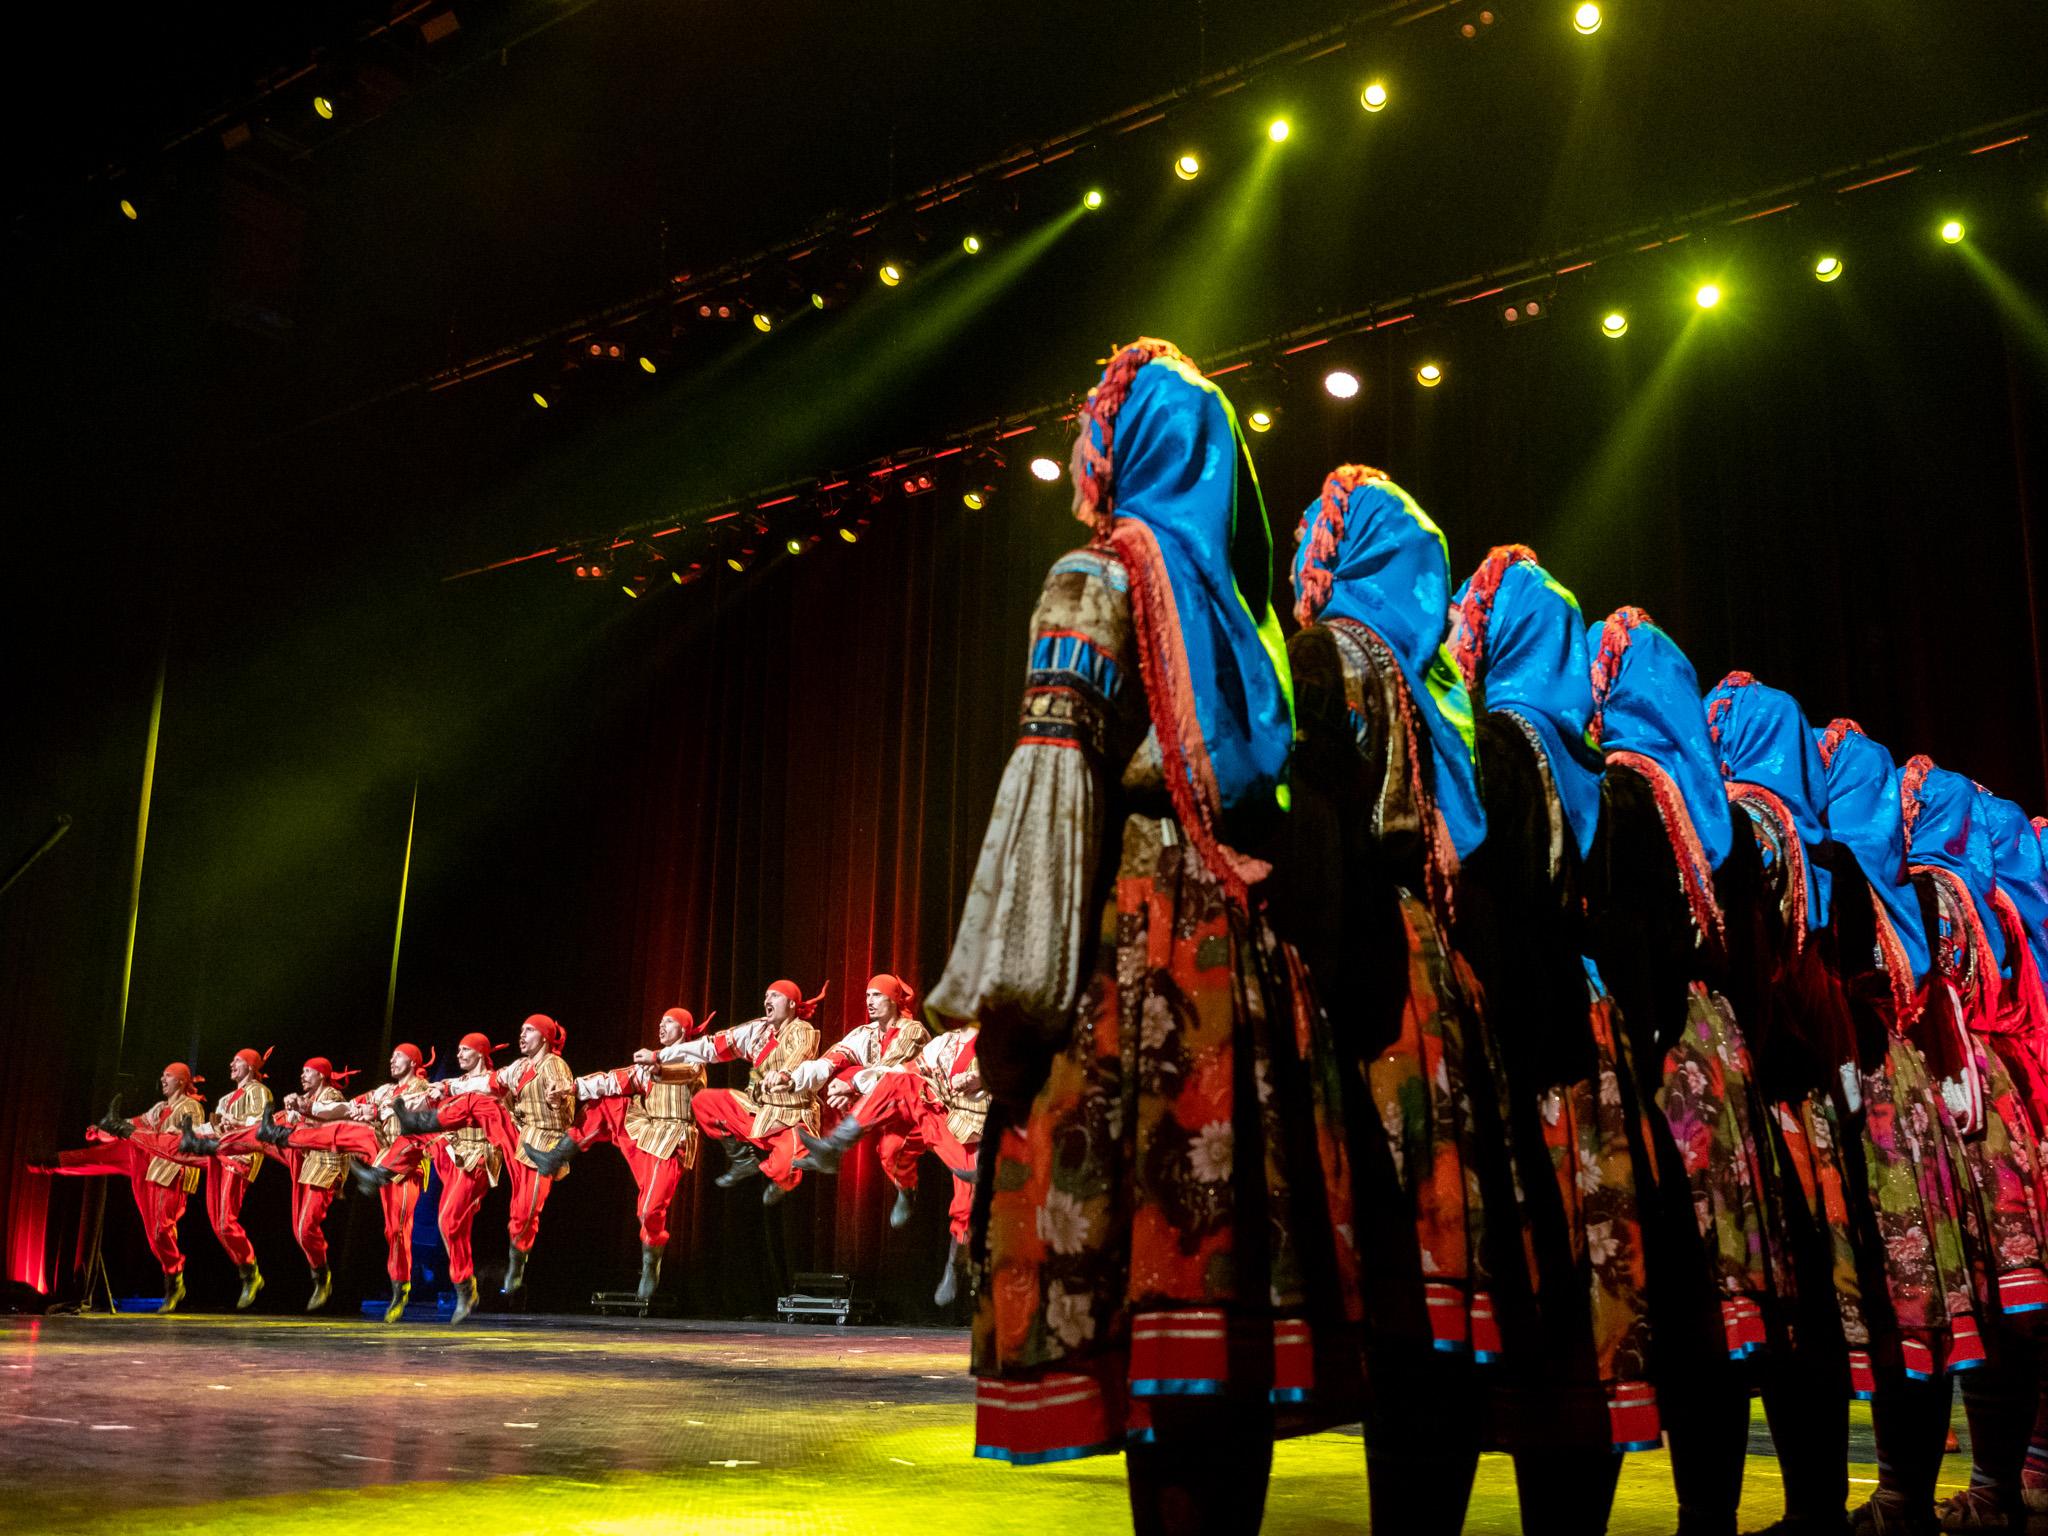 В състава на ансамбъла са над 100 души - певци, танцьори и музиканти.